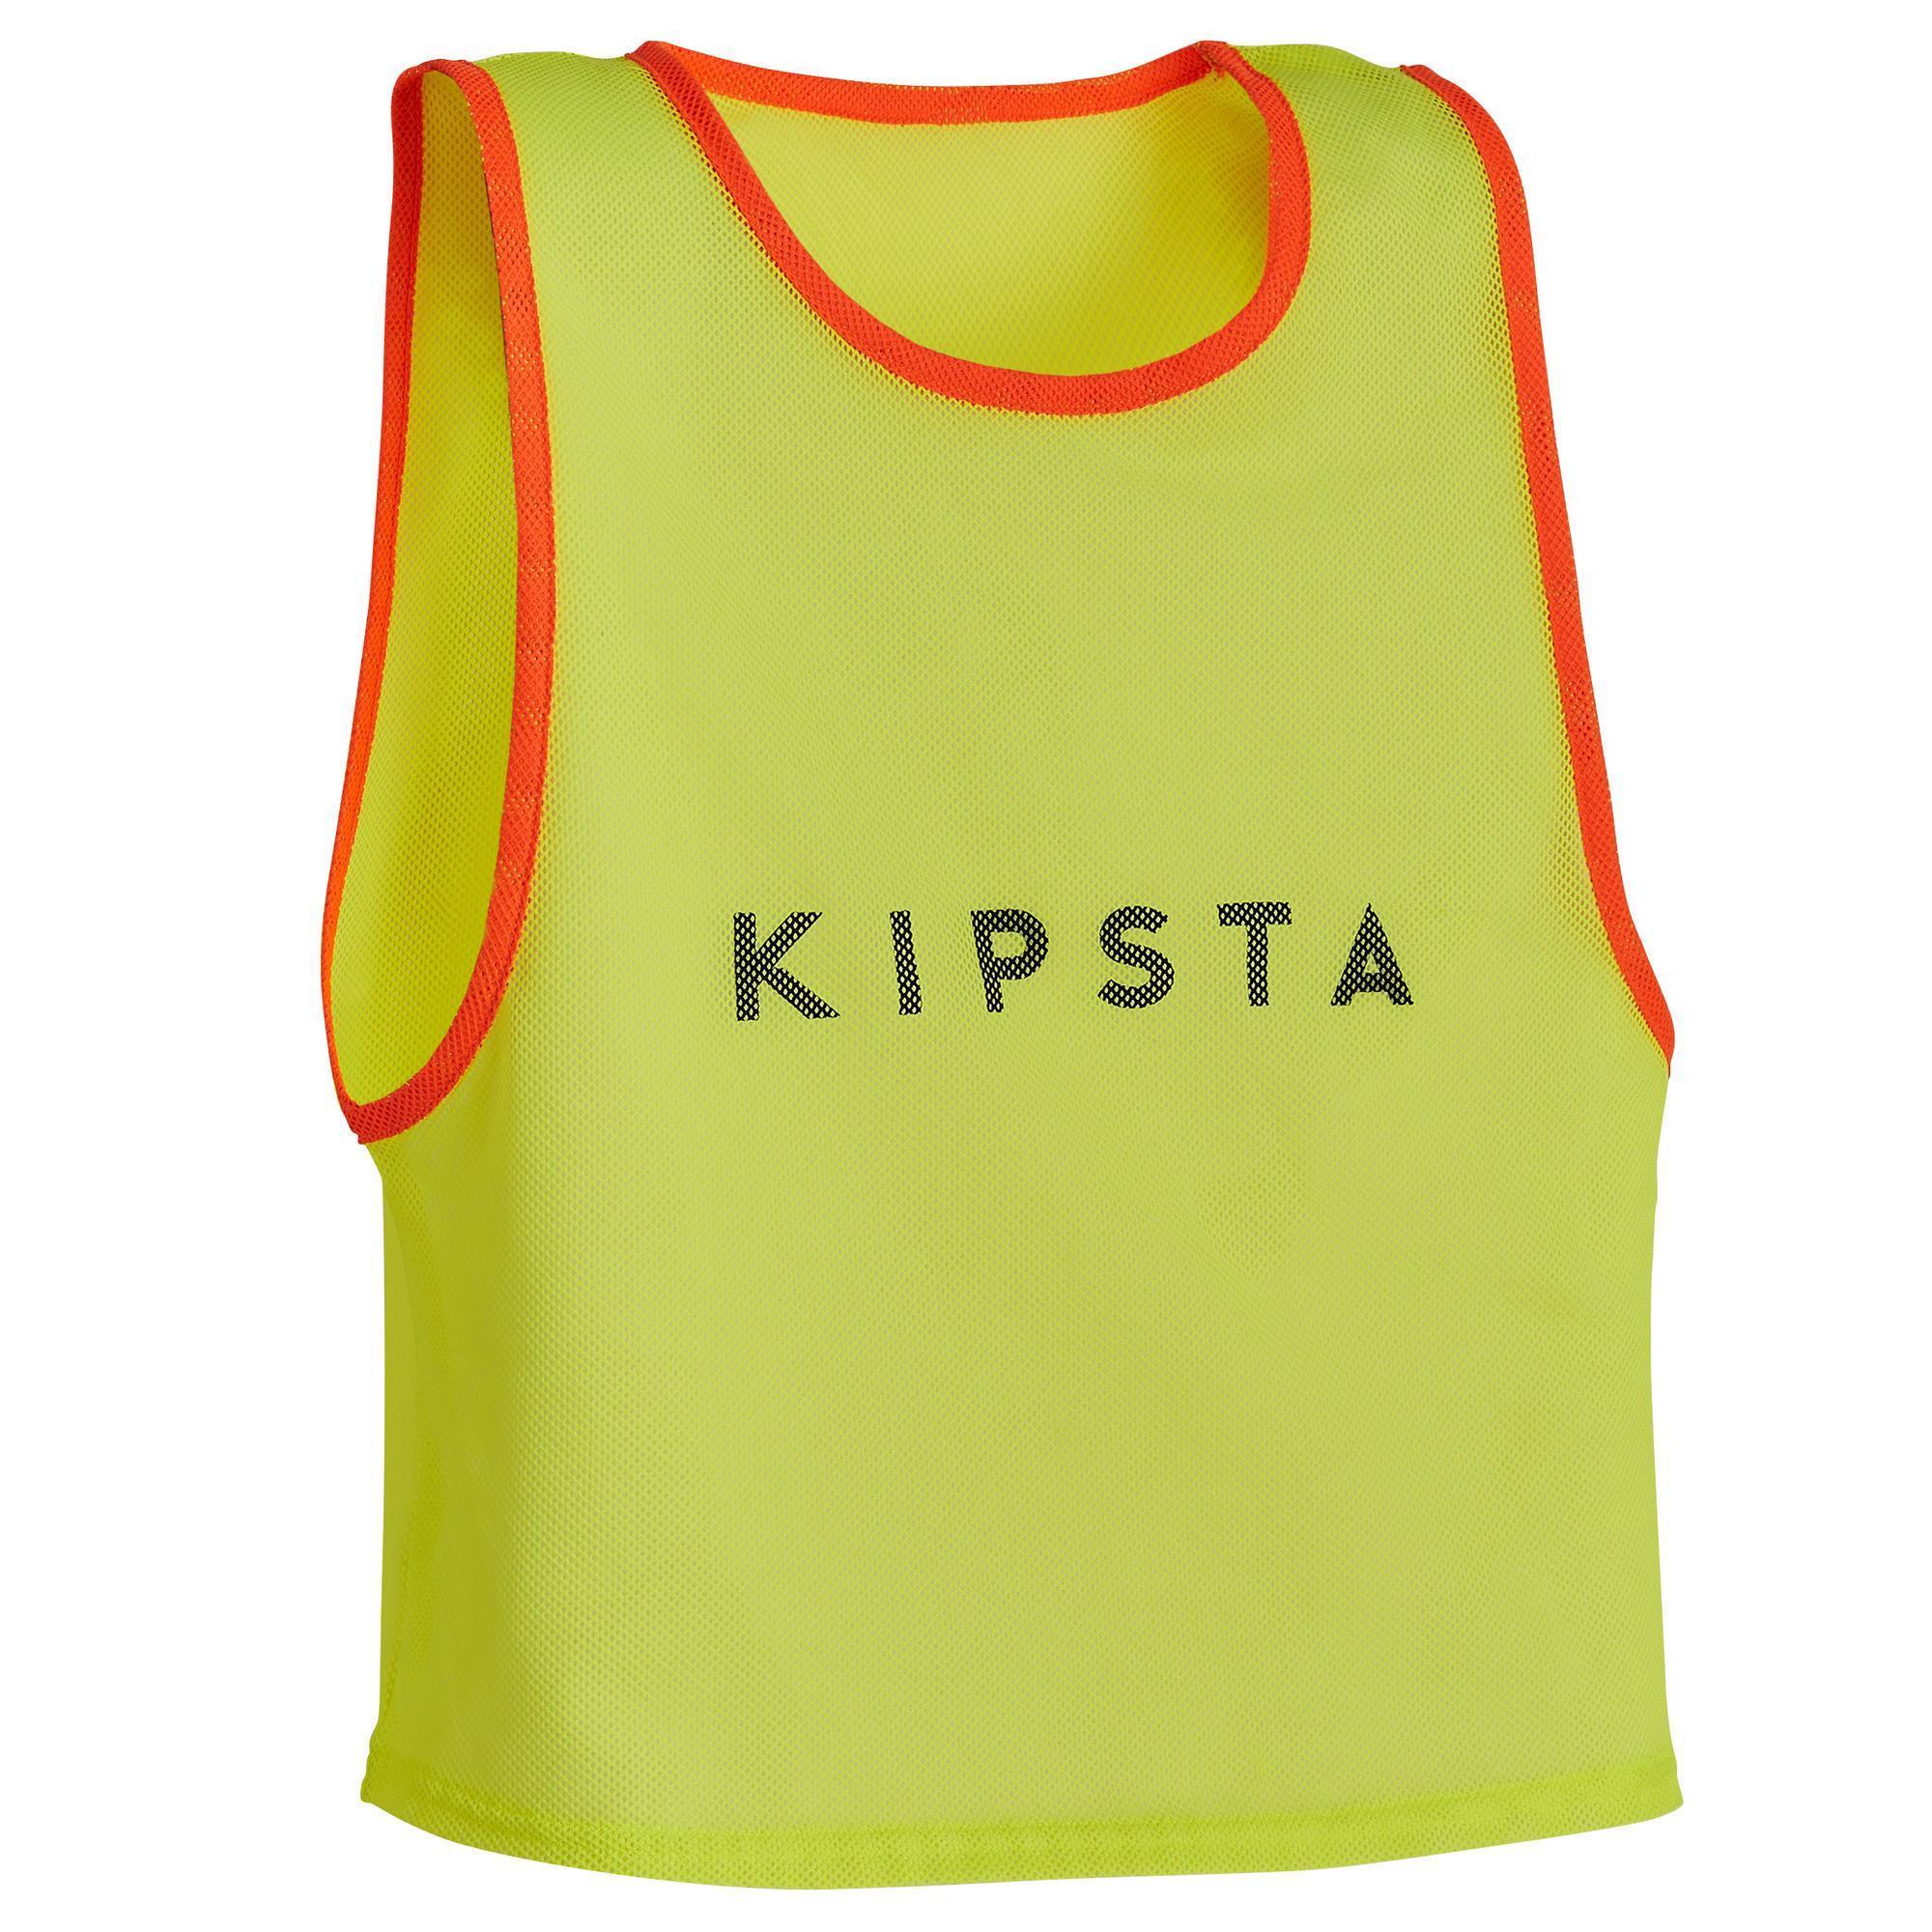 KIPSTA. Pettorina bambino giallo fluo